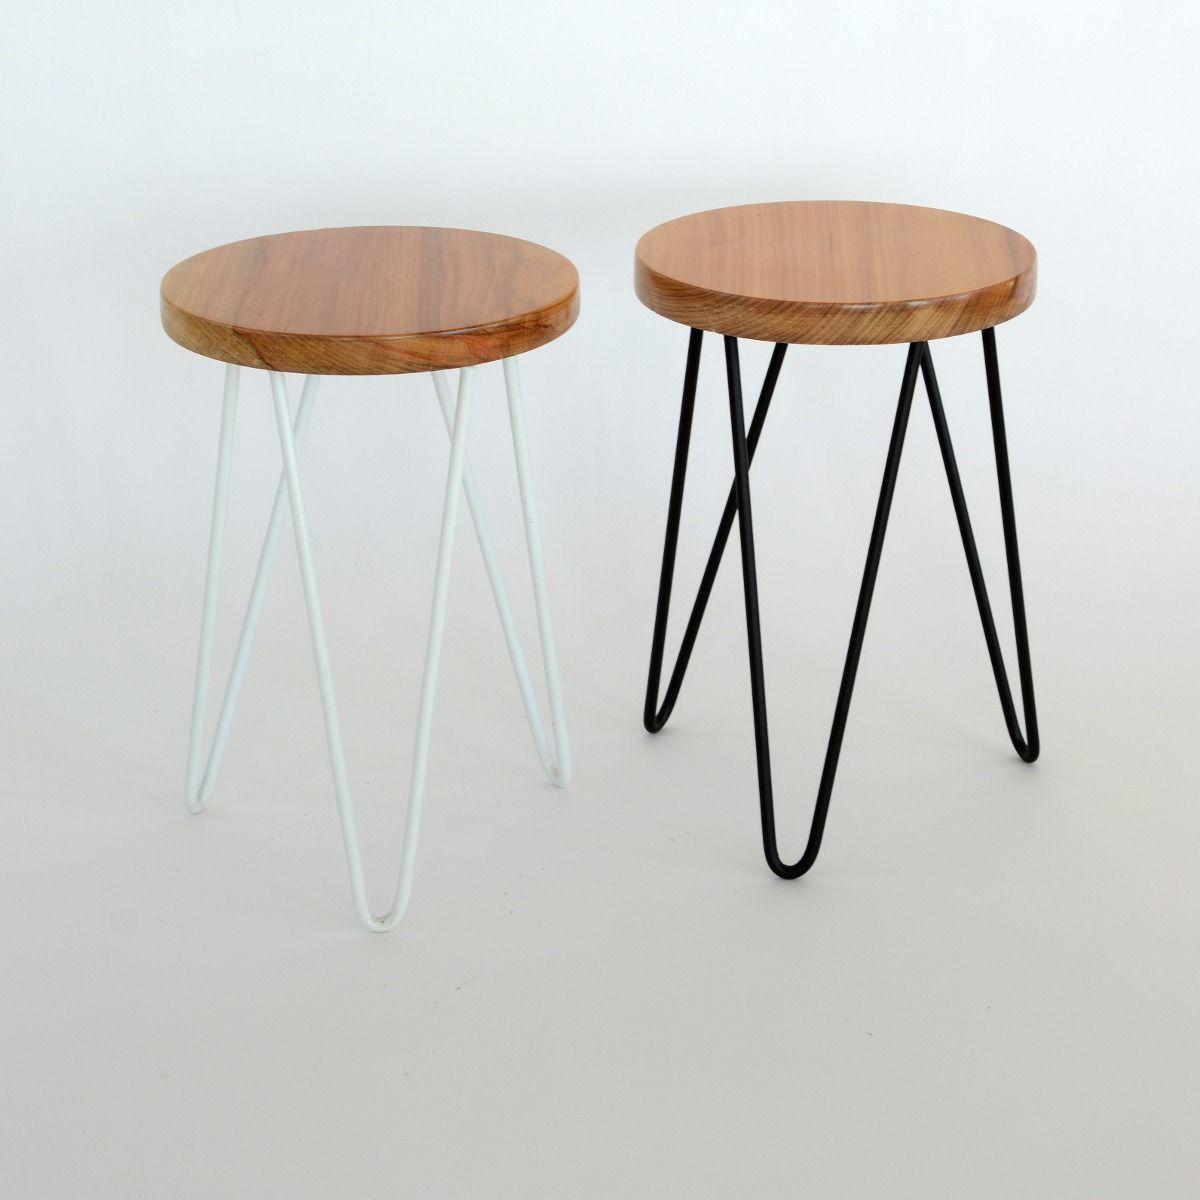 banquito de hierro y madera | *Lovingroom | Pinterest | Hierro ...